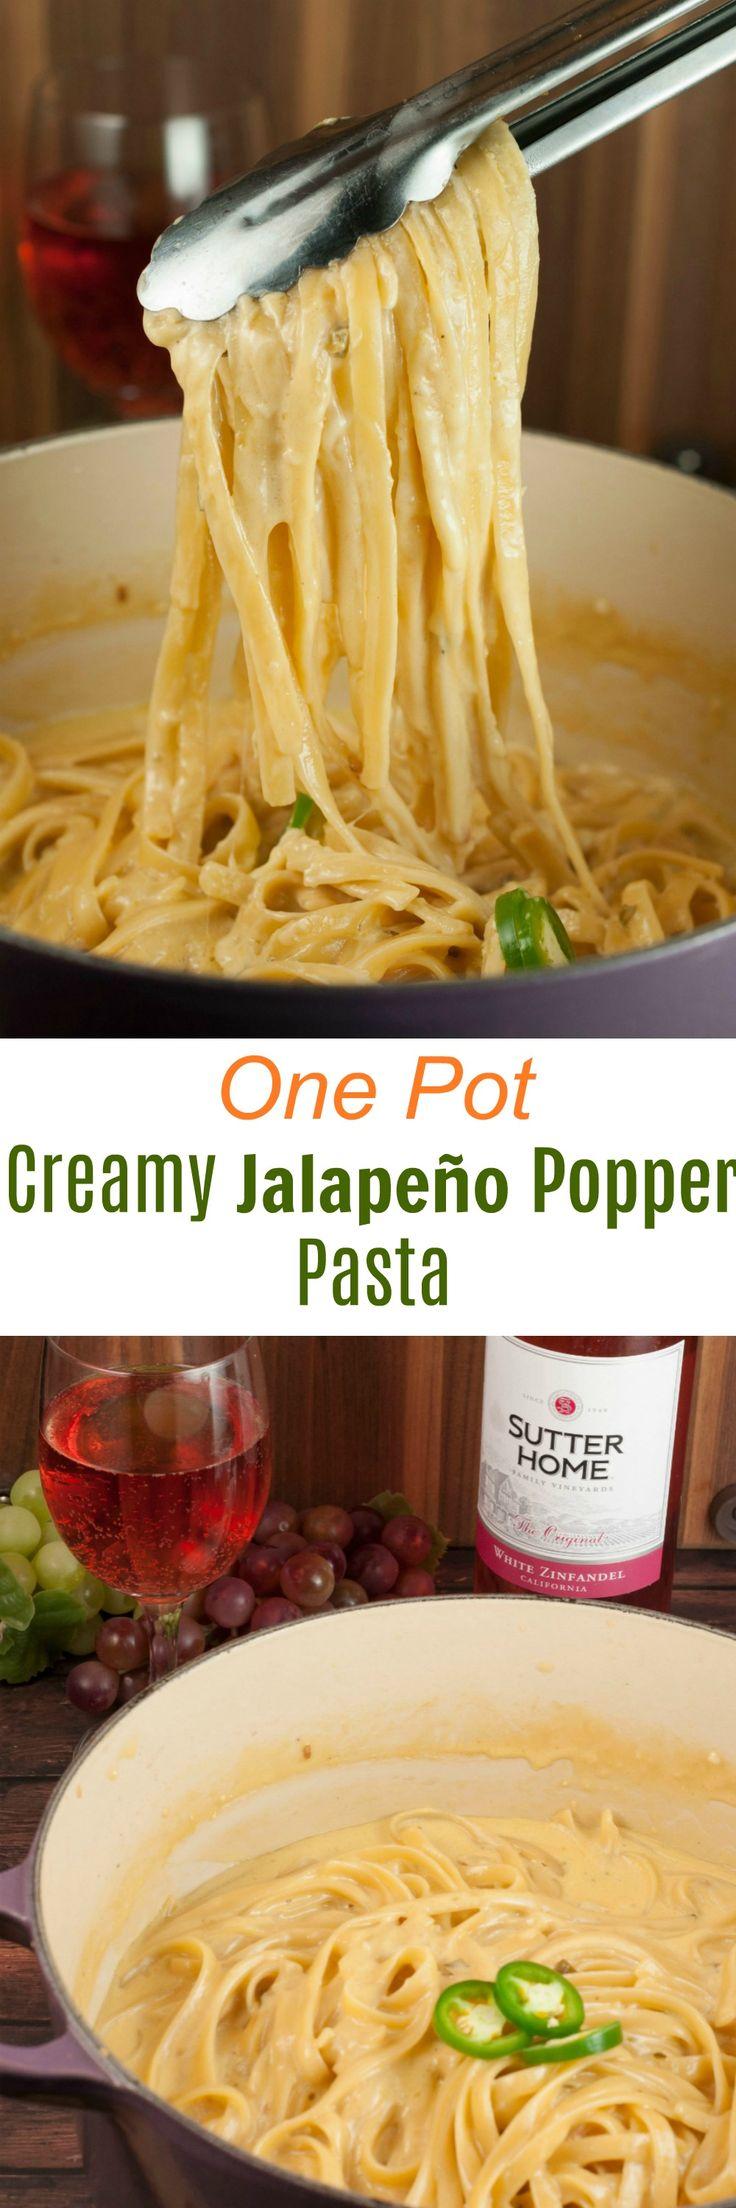 Tasty Easy pasta recipes on Pinterest | Creamy pasta recipes ...